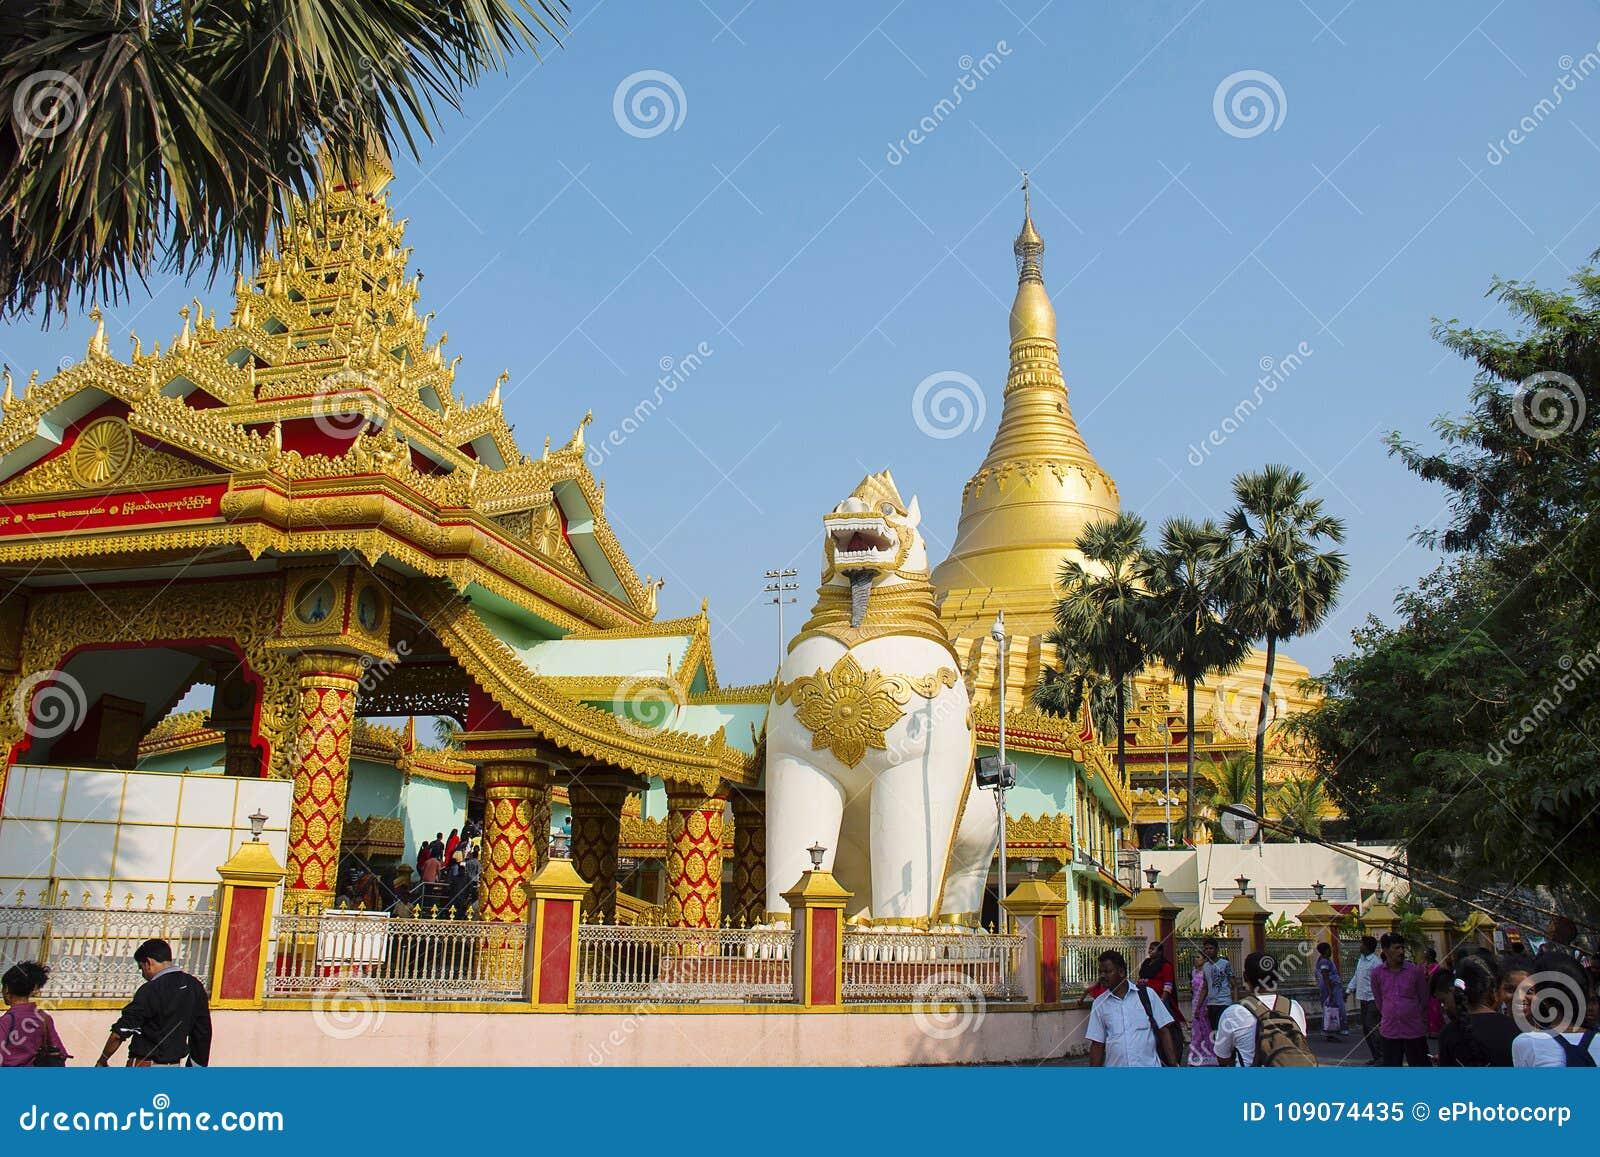 The Global Vipassana Pagoda. Meditation Hall near Gorai, North-west of Mumbai